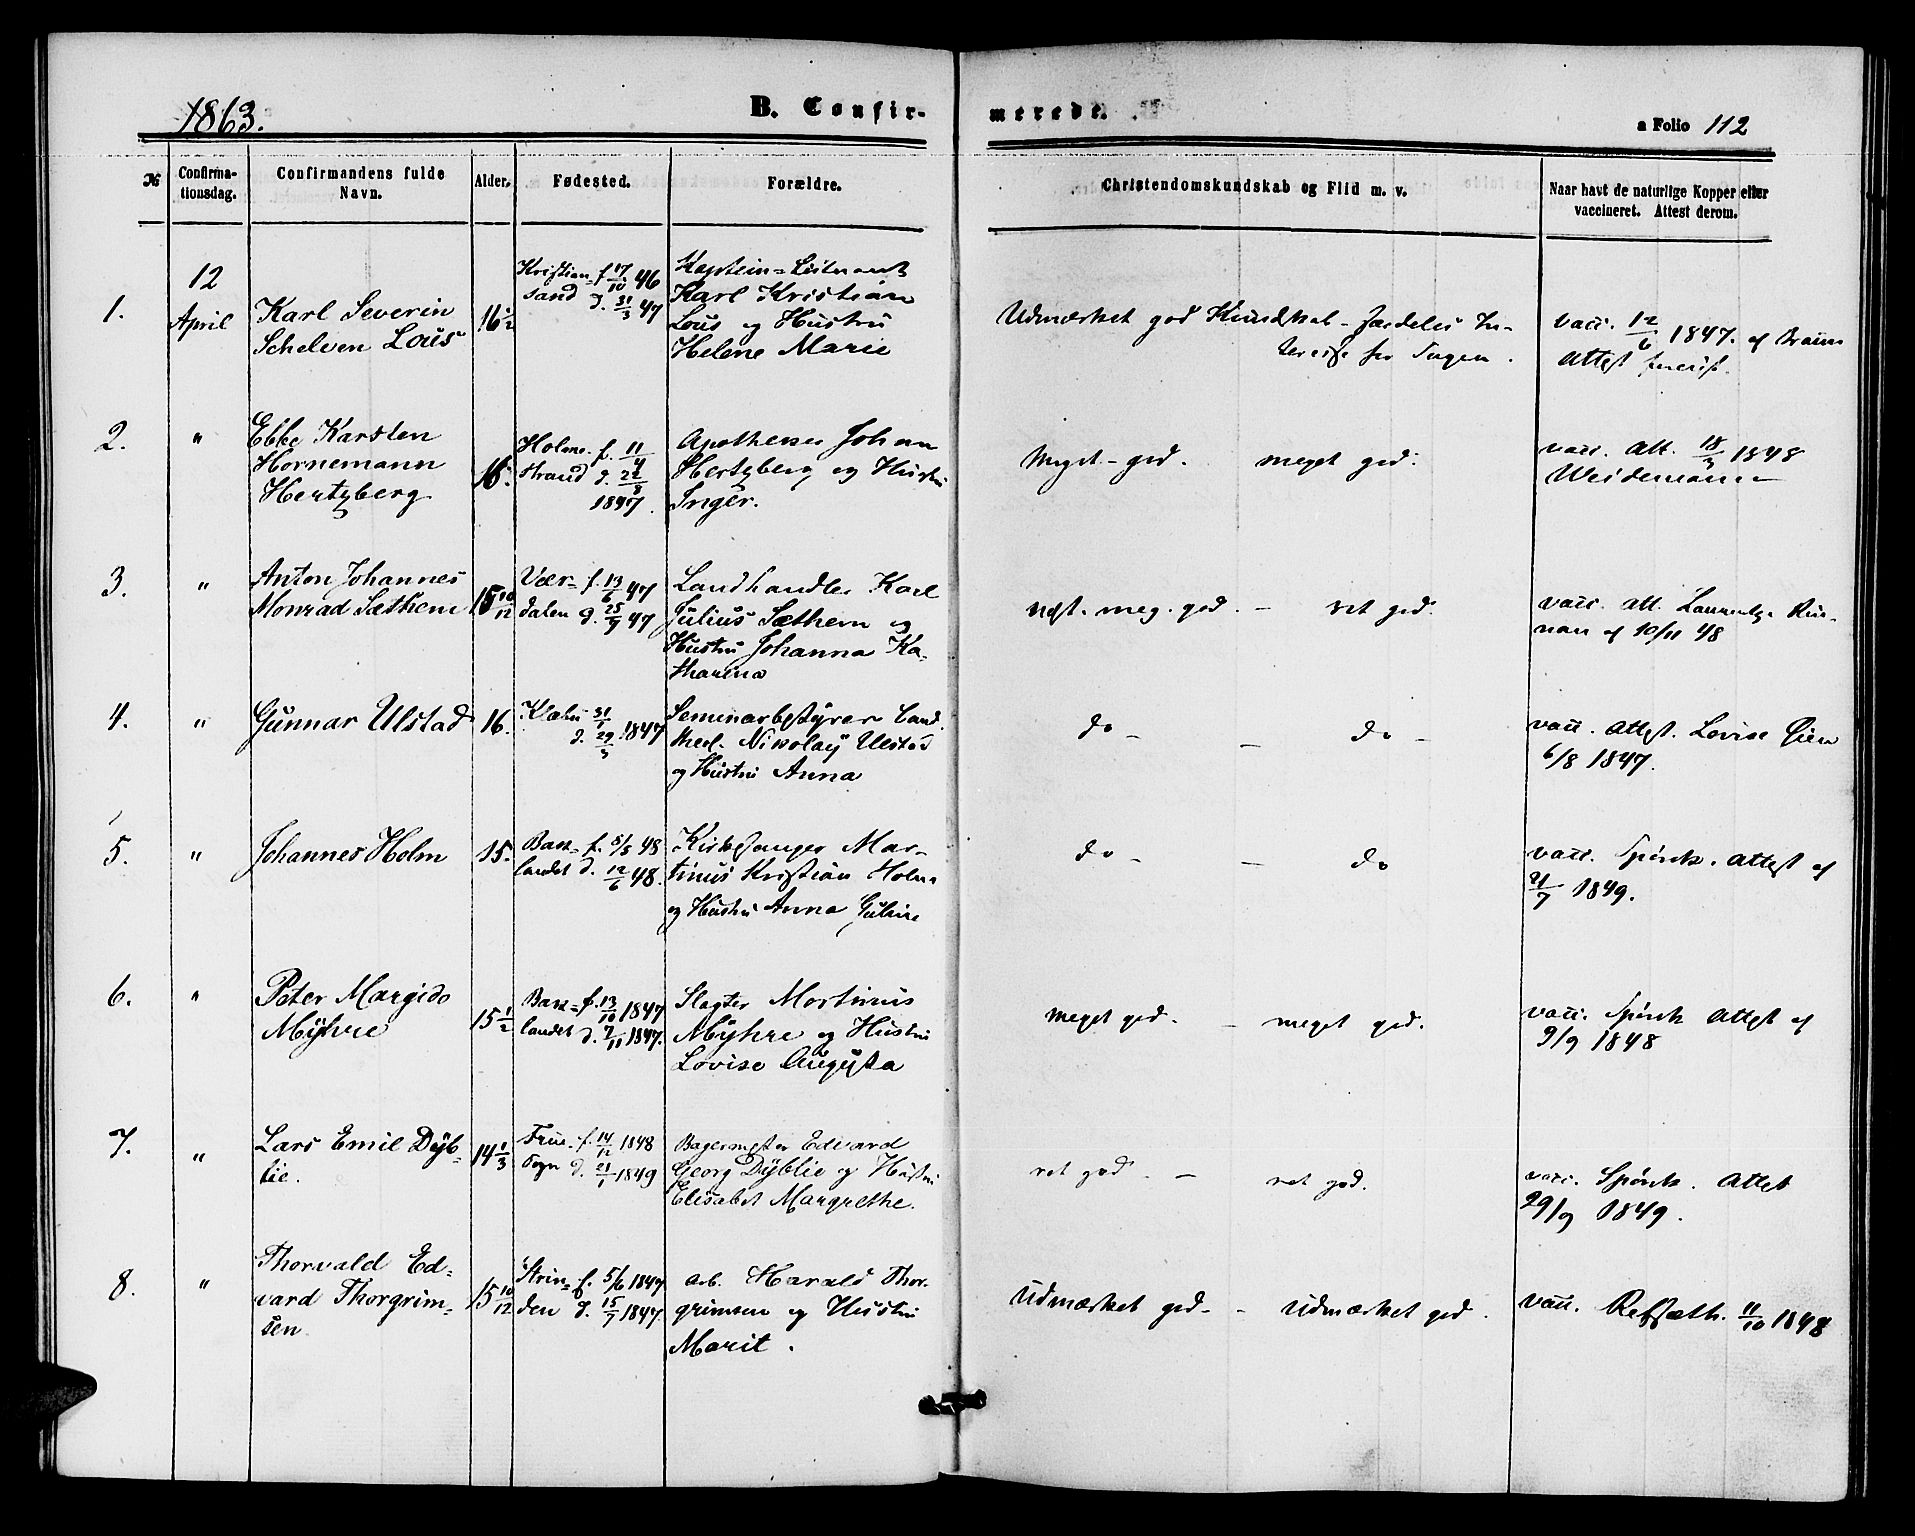 SAT, Ministerialprotokoller, klokkerbøker og fødselsregistre - Sør-Trøndelag, 604/L0185: Ministerialbok nr. 604A06, 1861-1865, s. 112